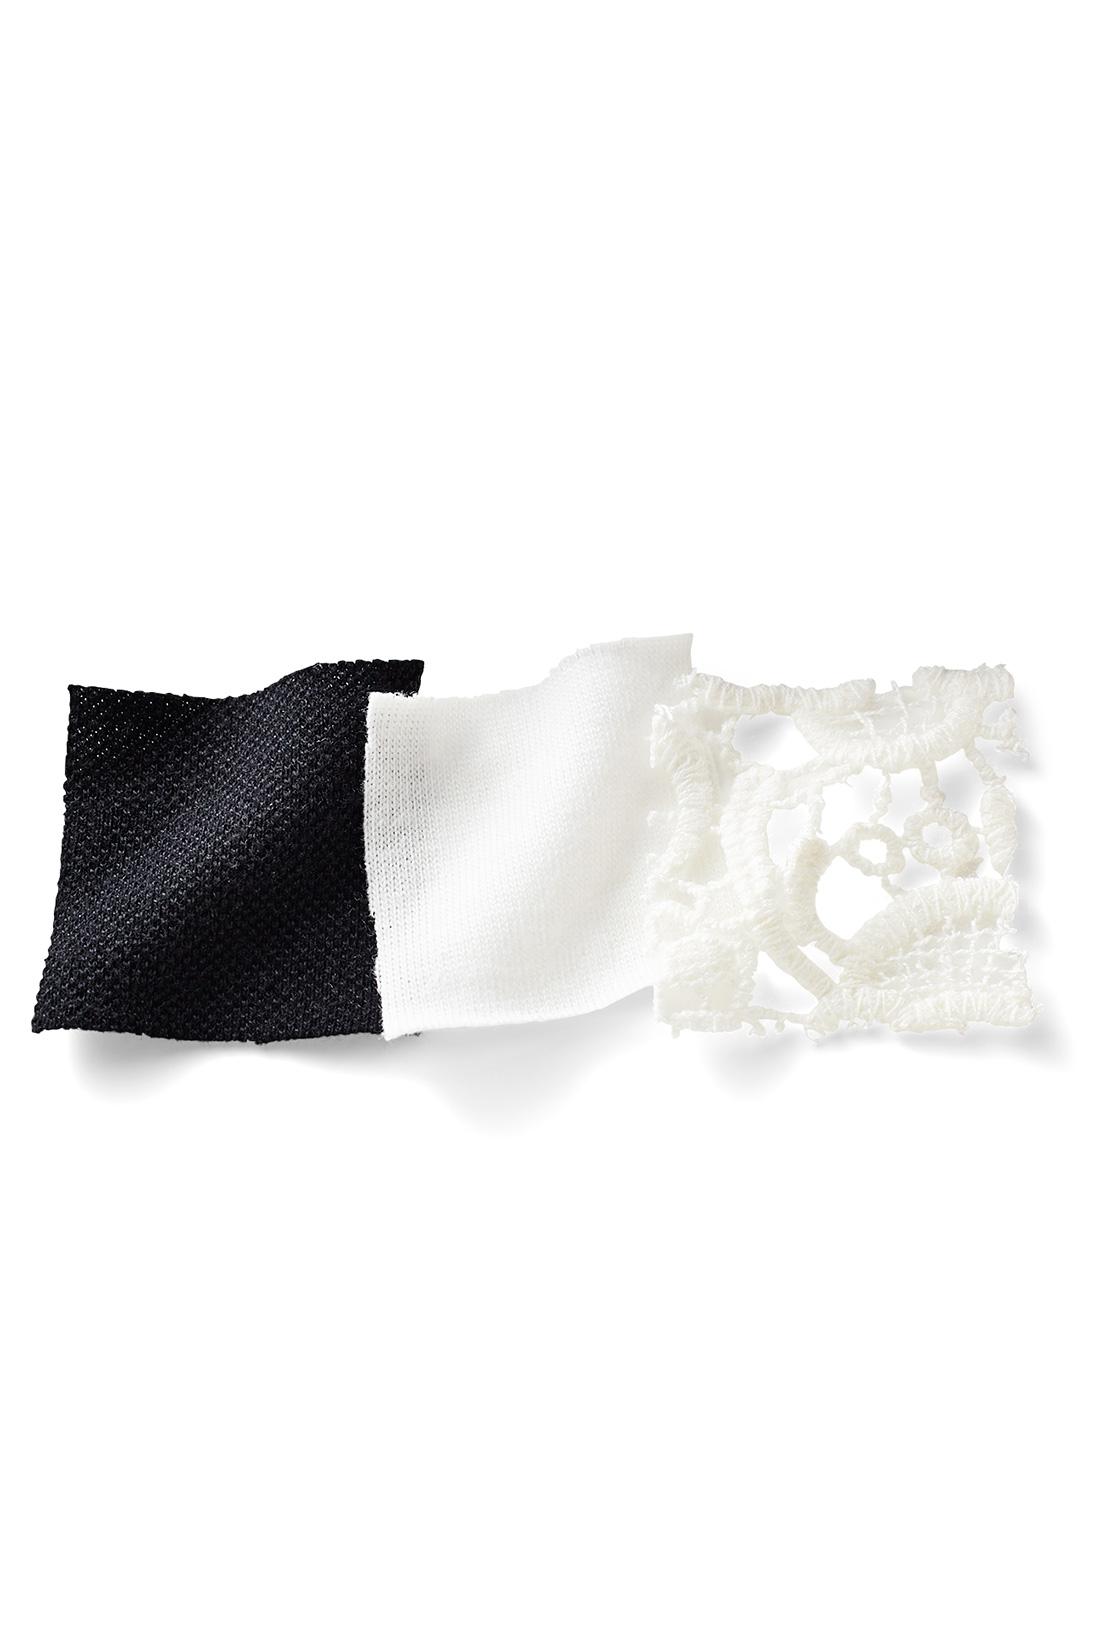 おうち洗いOKでアイロン要らず 着心地よくきちんと感もある、のびやかなかのこ素材。タンクトップはしなやかな肌心地のきれいめカットソーに、綿100%の上品レースを付けました。